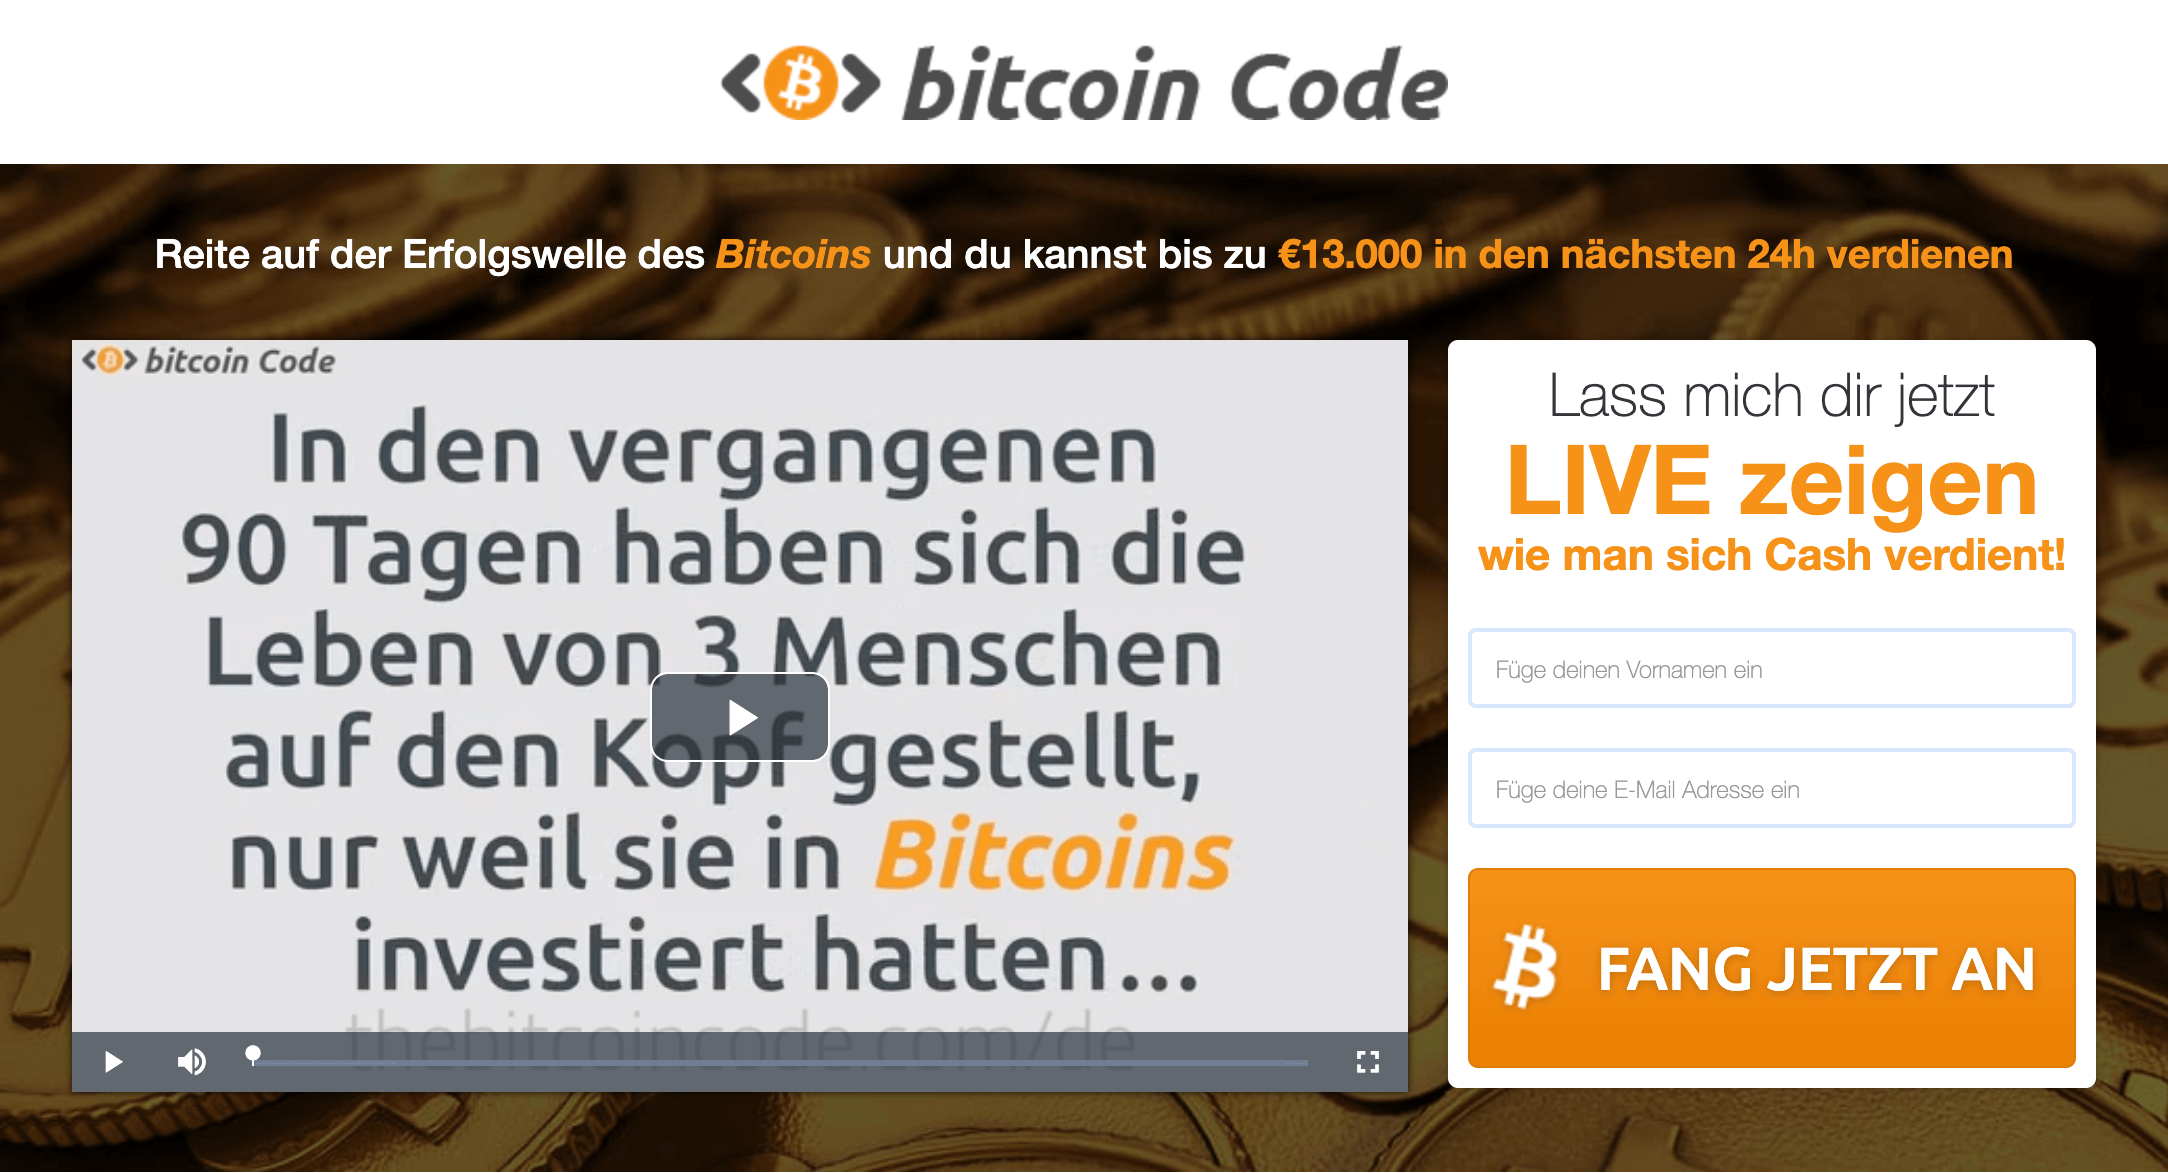 Bitcoin Code Erfahrungen 2021